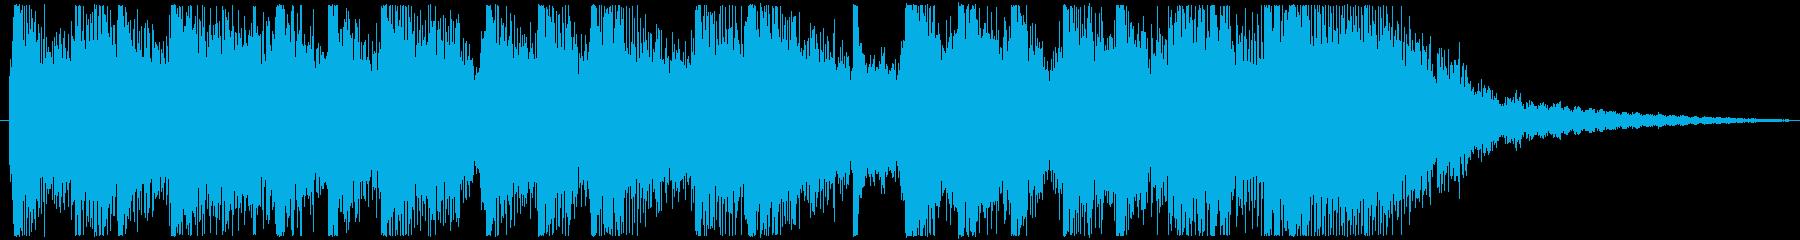 弦楽器のリフをメインにしたジングルの再生済みの波形